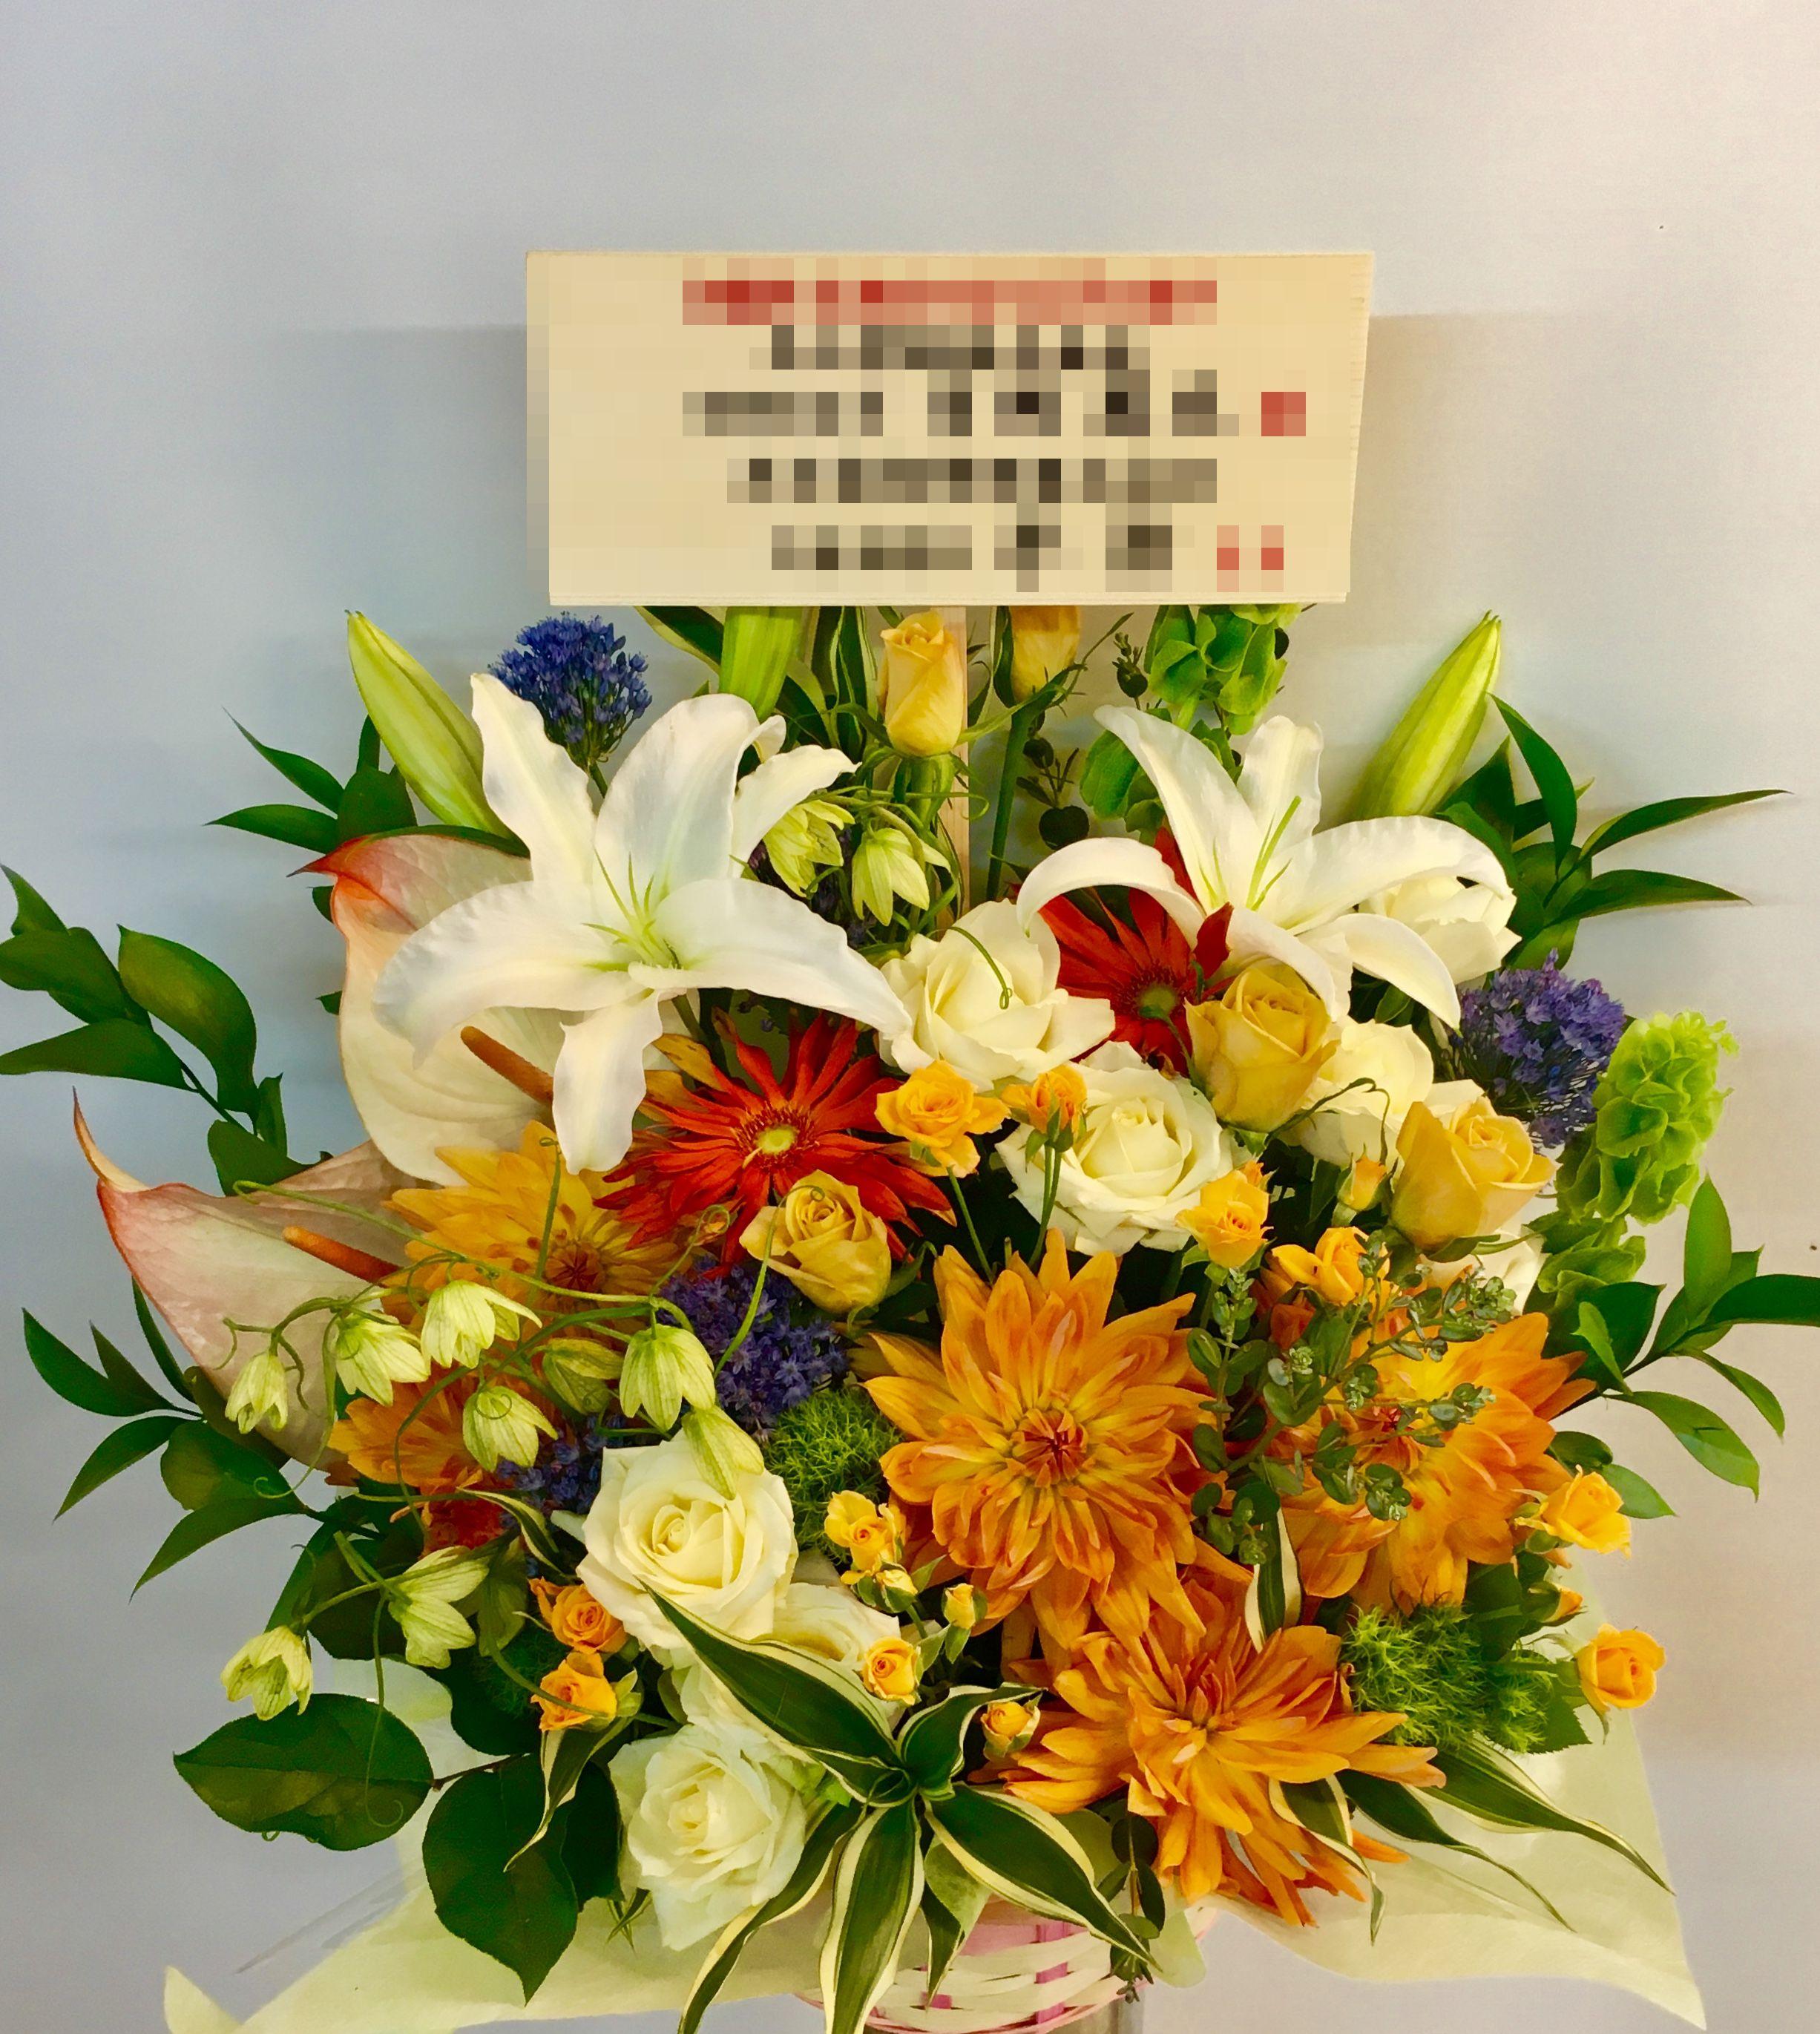 【お花納品事例27】横浜市関内にある法人企業様にアレンジメントを配達しました!